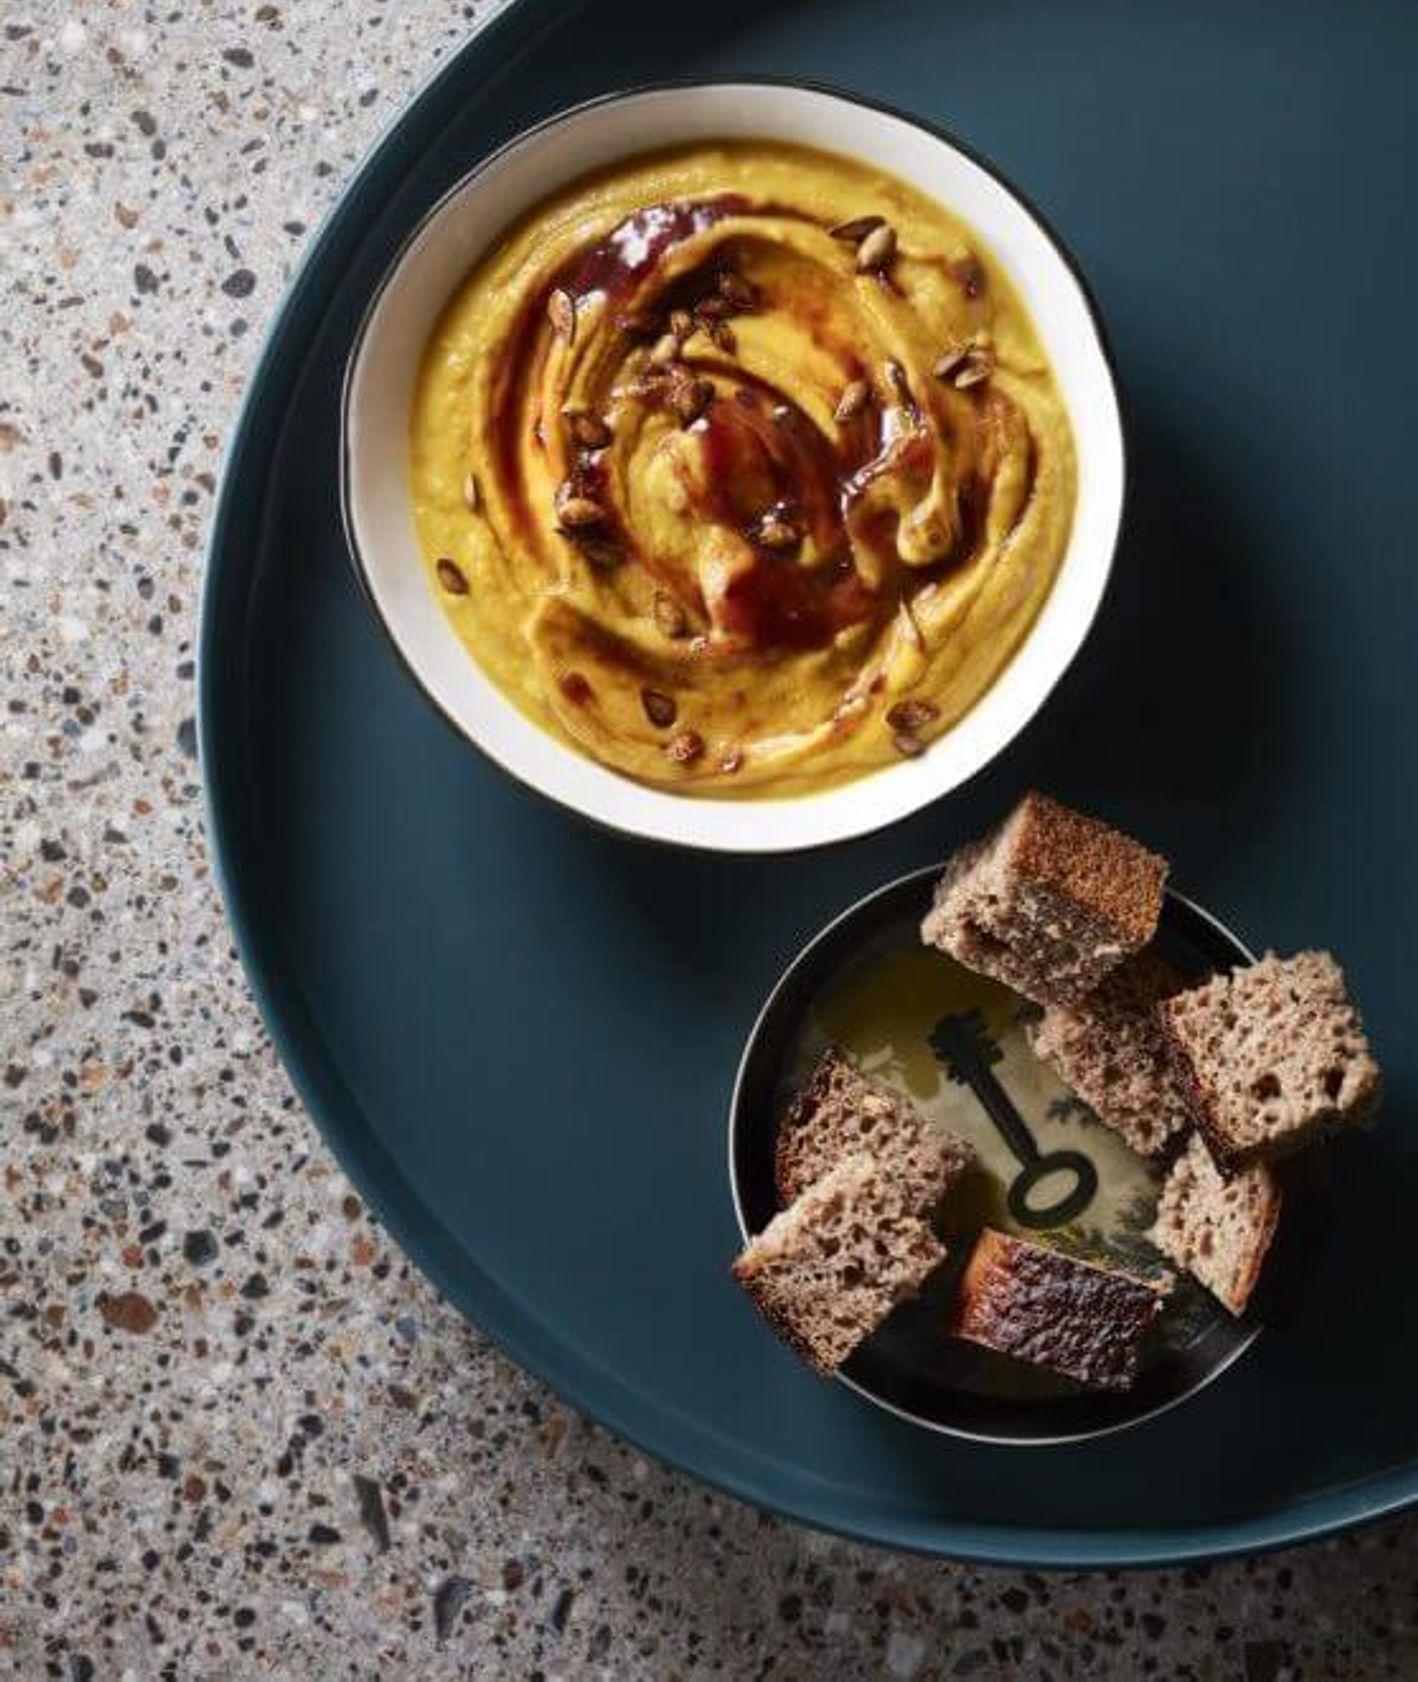 zupa dyniowa zagęszczana czerstwym chlebem, zupa dyniowa, krem z dyni, zero waste, jak nie marnować jedzenia, co z resztek chleba, rozgrzewająca zupa krem, zupa krem, danie z resztek